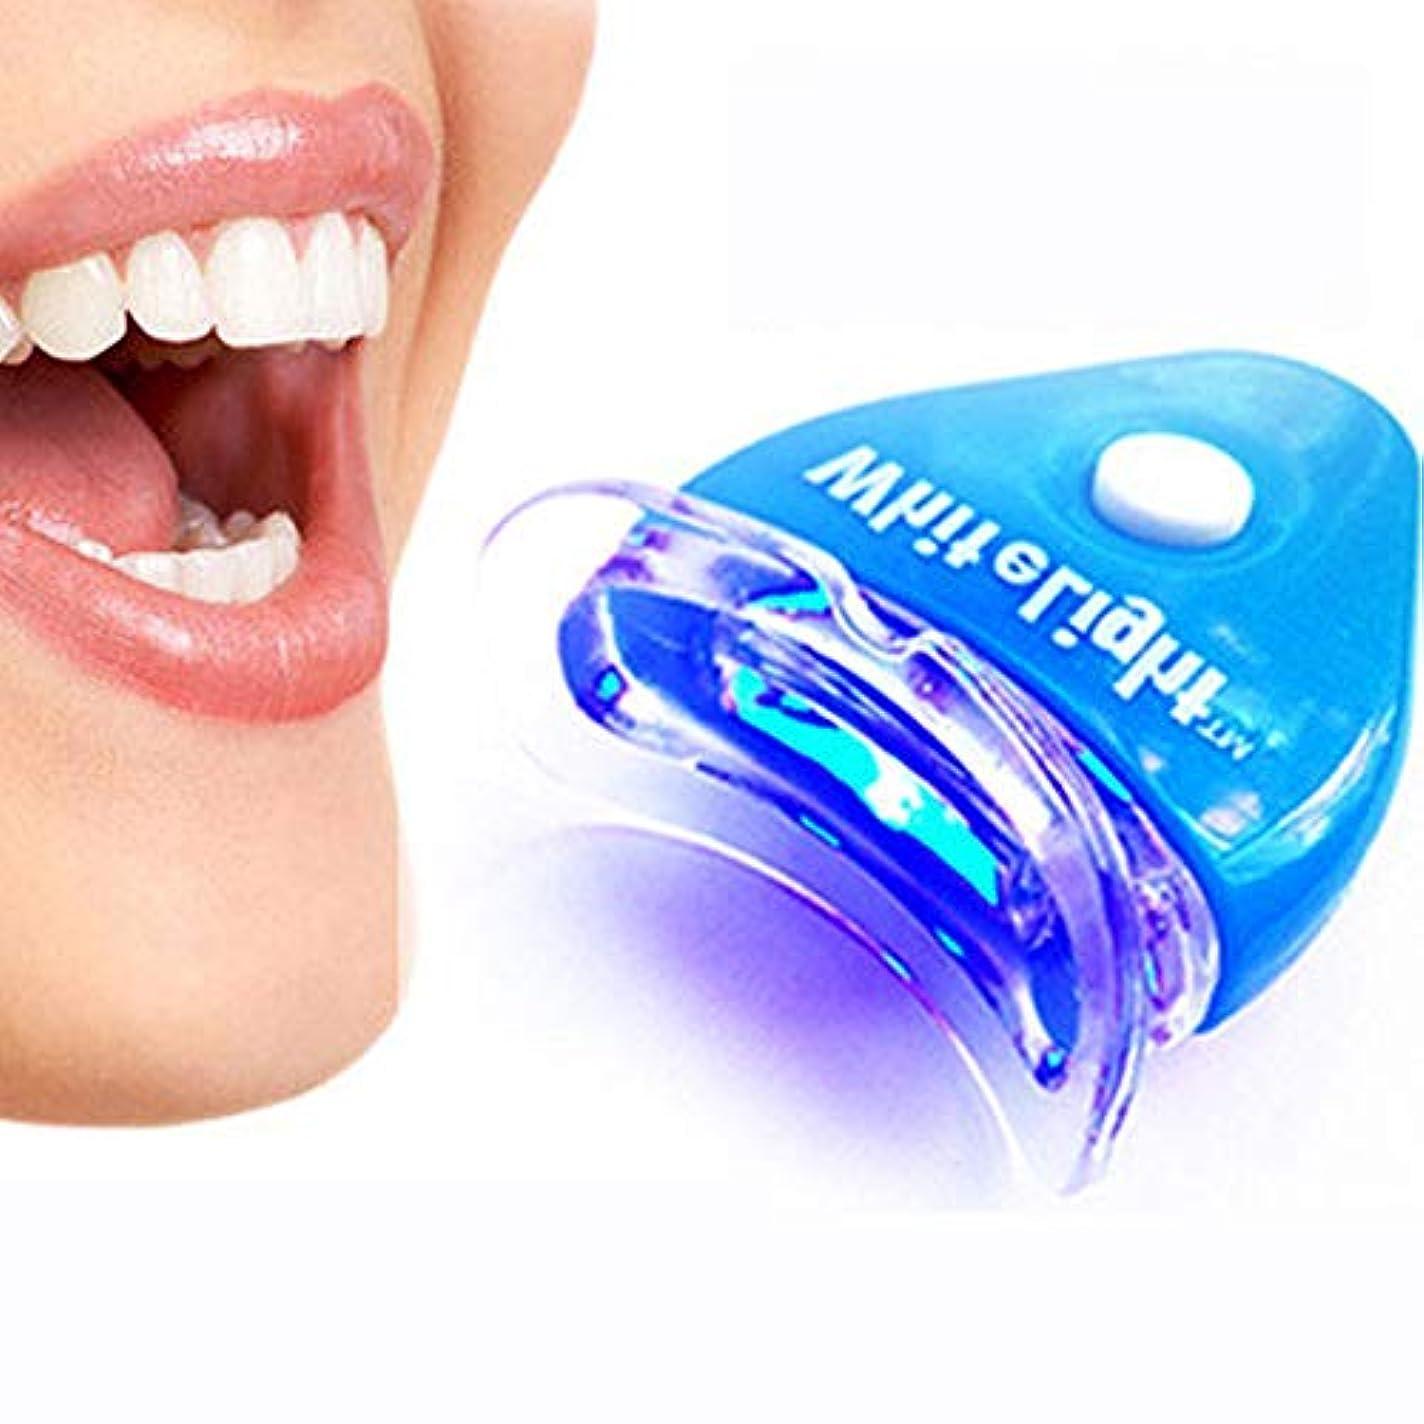 独立してフライト人気のIPO 歯ホワイトニング器 歯美白器 美歯器 歯 ホワイトニング ホワイトナー ケア 歯の消しゴム 歯科機器 口腔ゲルキット ブルー